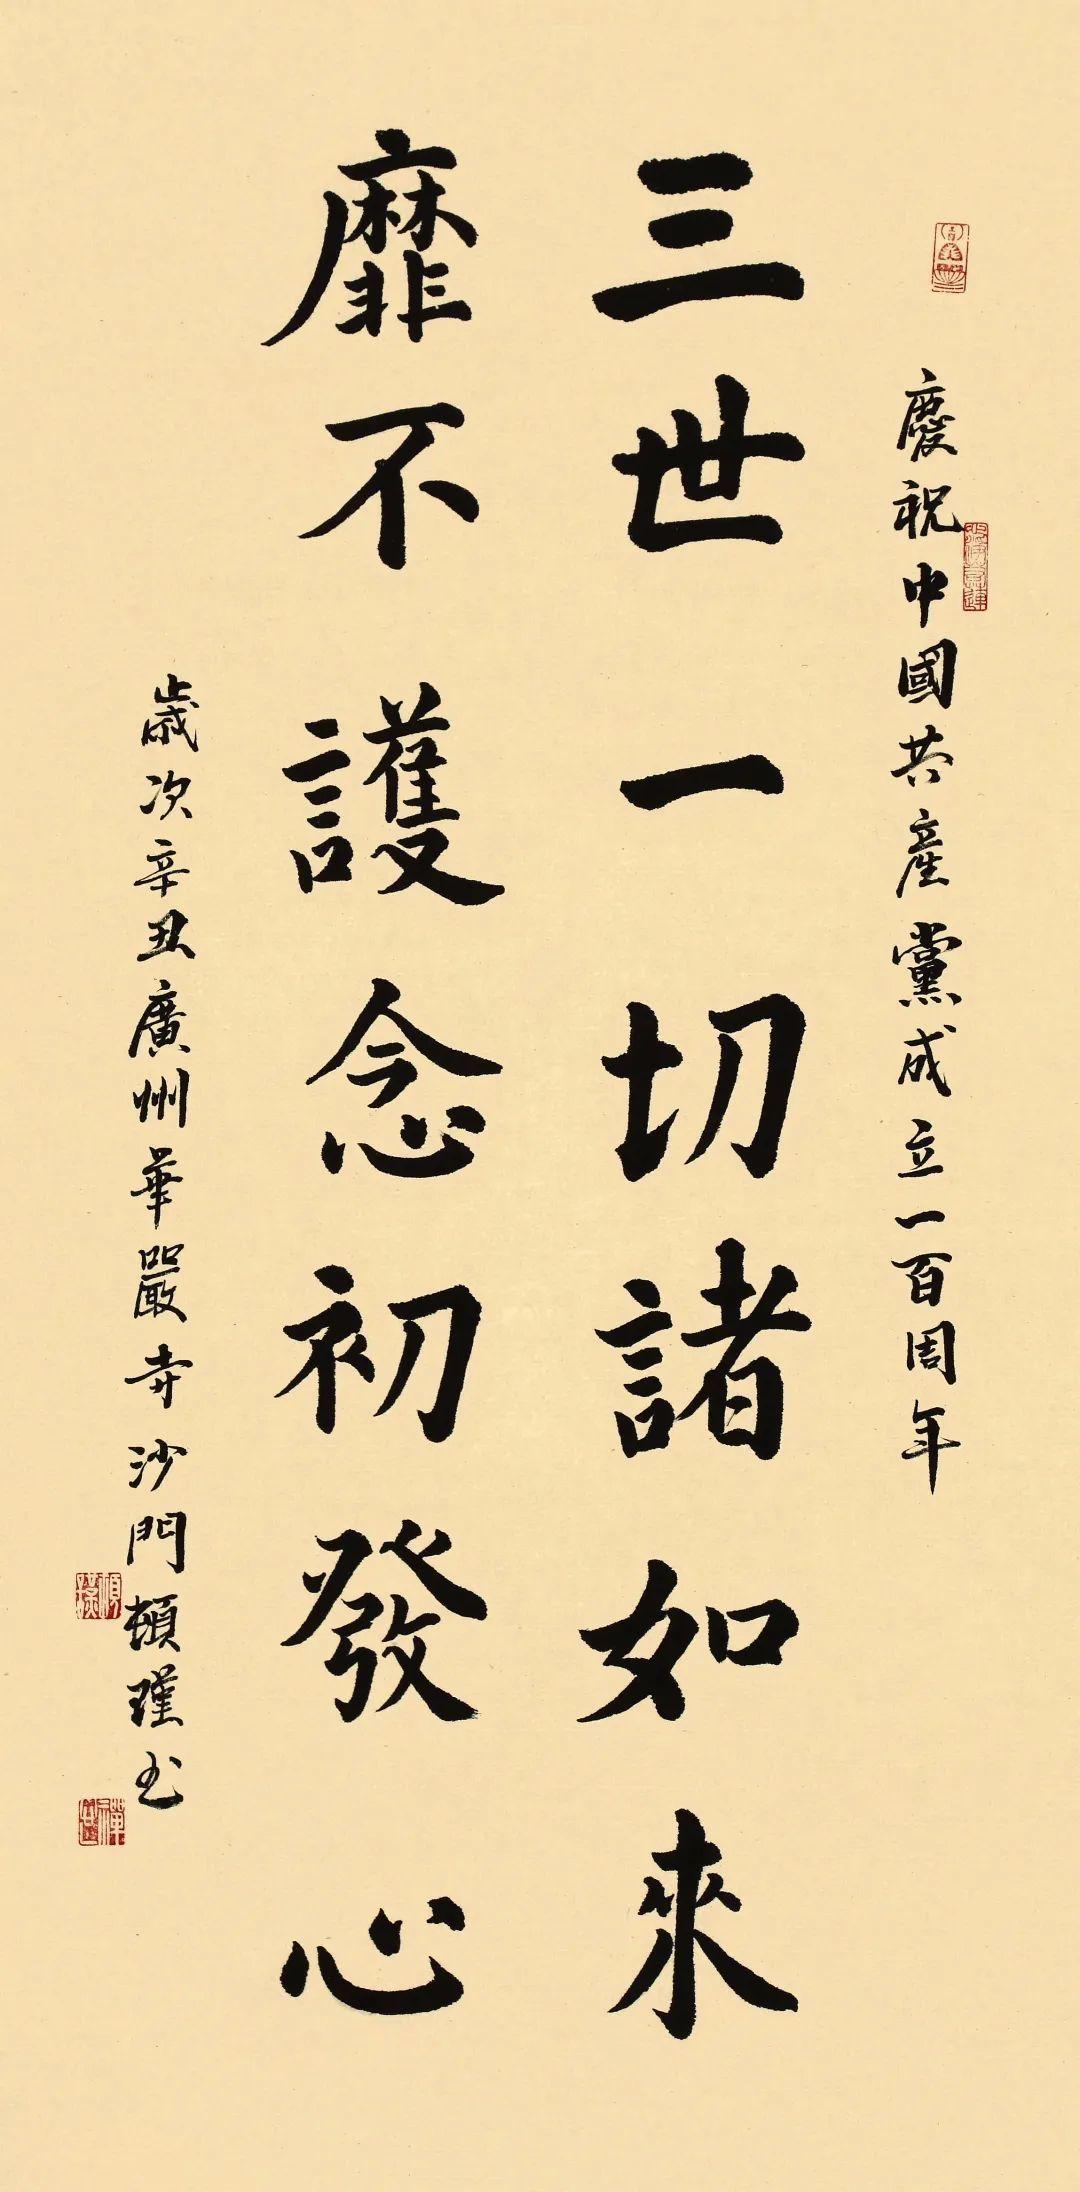 广州市佛教协会副秘书长、广州市花都华严寺监院、华严书院常务副院长顿瑾法师